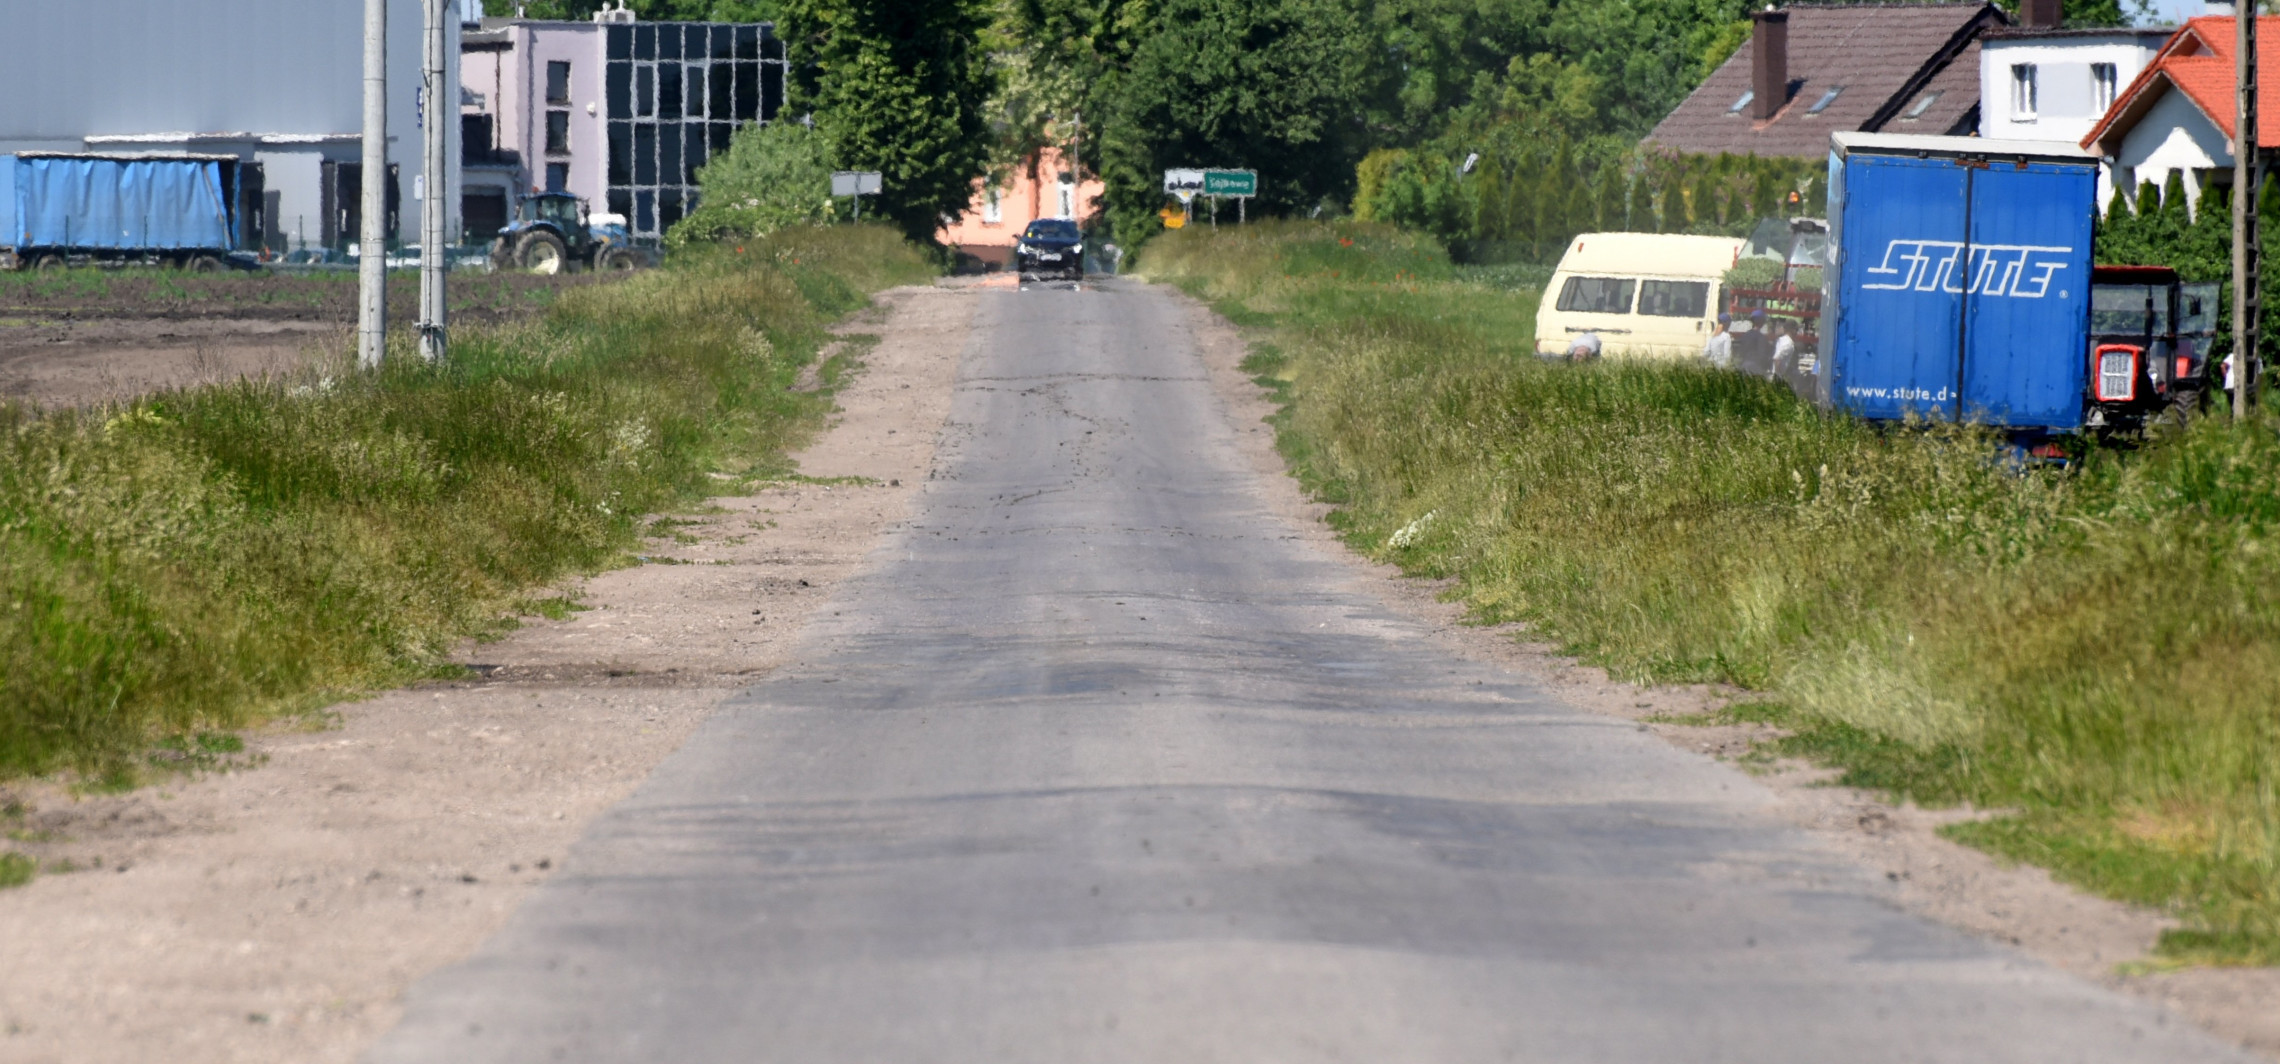 Gmina Inowrocław - Ta droga będzie jak nowa. Kiedy ruszą prace?